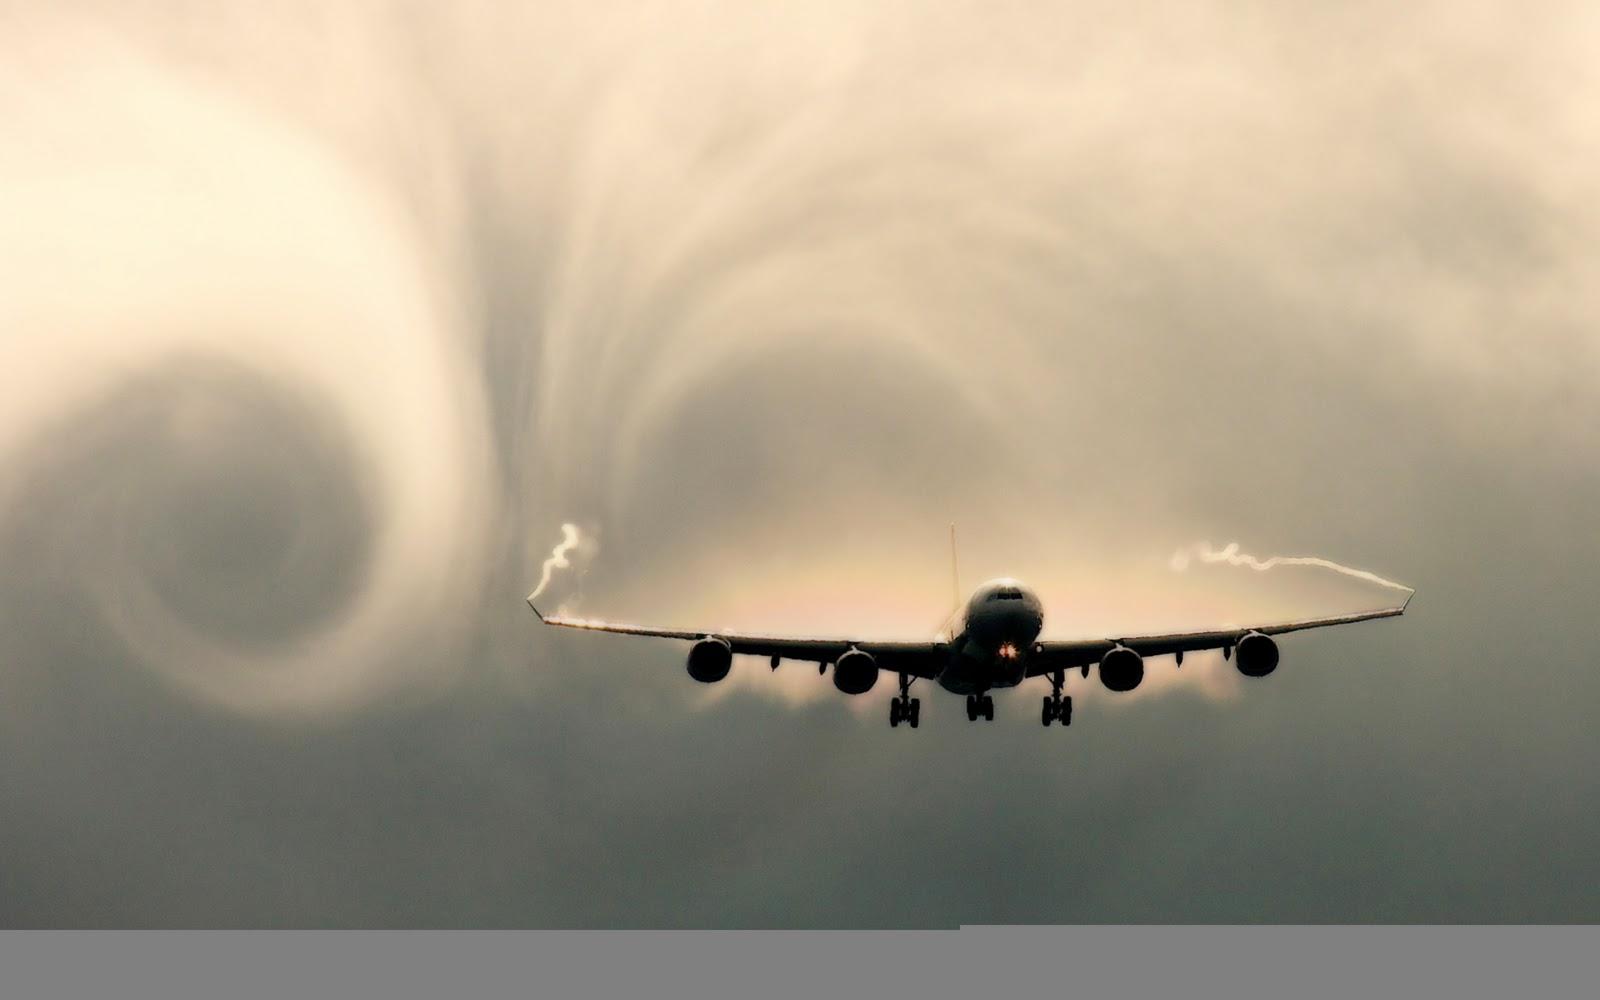 http://4.bp.blogspot.com/-73_hpBABePQ/TpWJ35TzTZI/AAAAAAAAAYA/GwrpevLnuCM/s1600/Aircraft+Wallpaper+%25286%2529.jpg